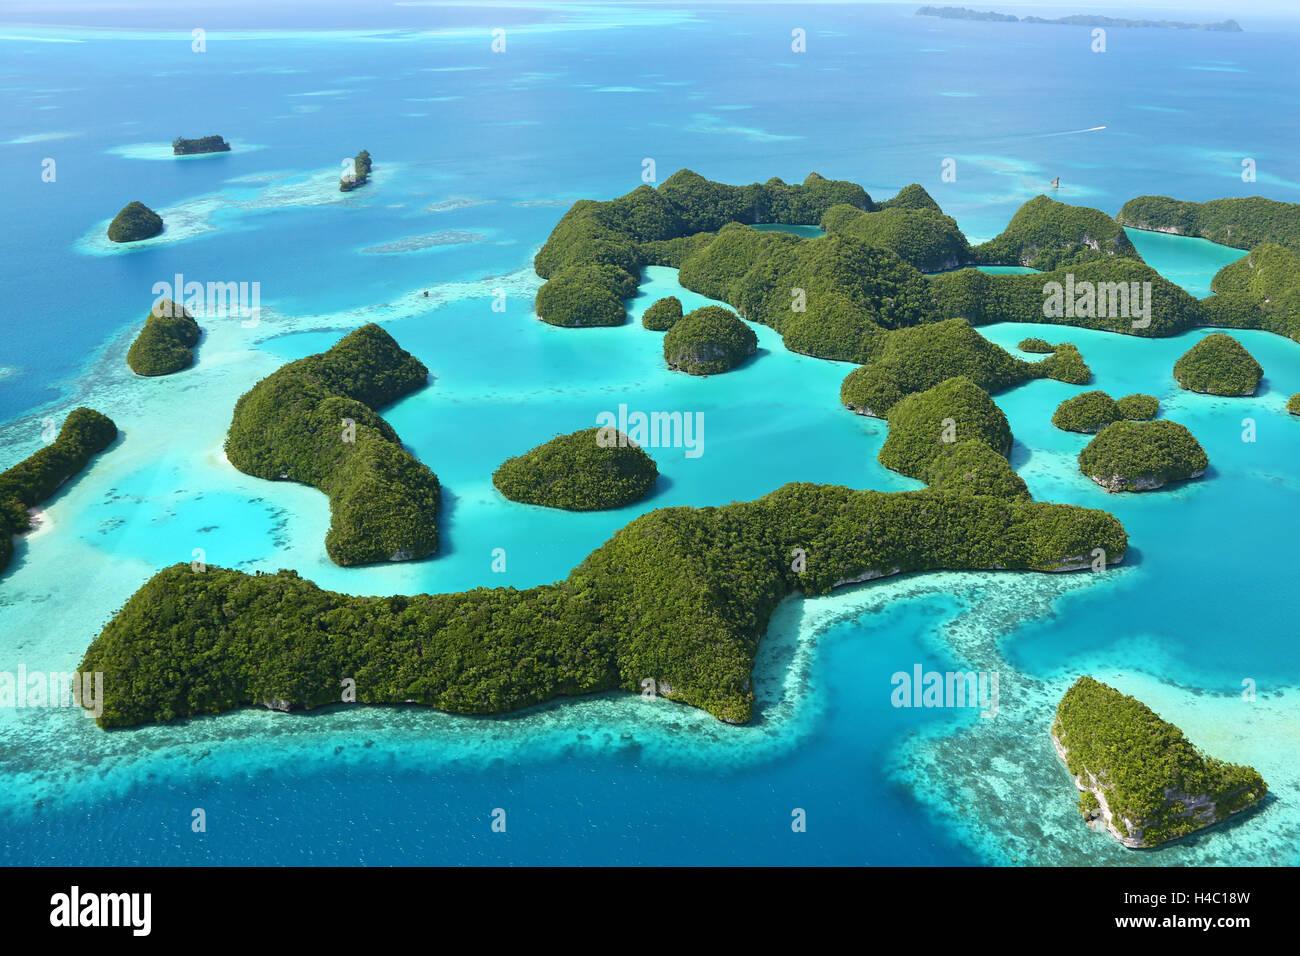 Luftaufnahme des Archipels von siebzig Inseln, Republik Palau, Mikronesien, Pazifik Stockbild